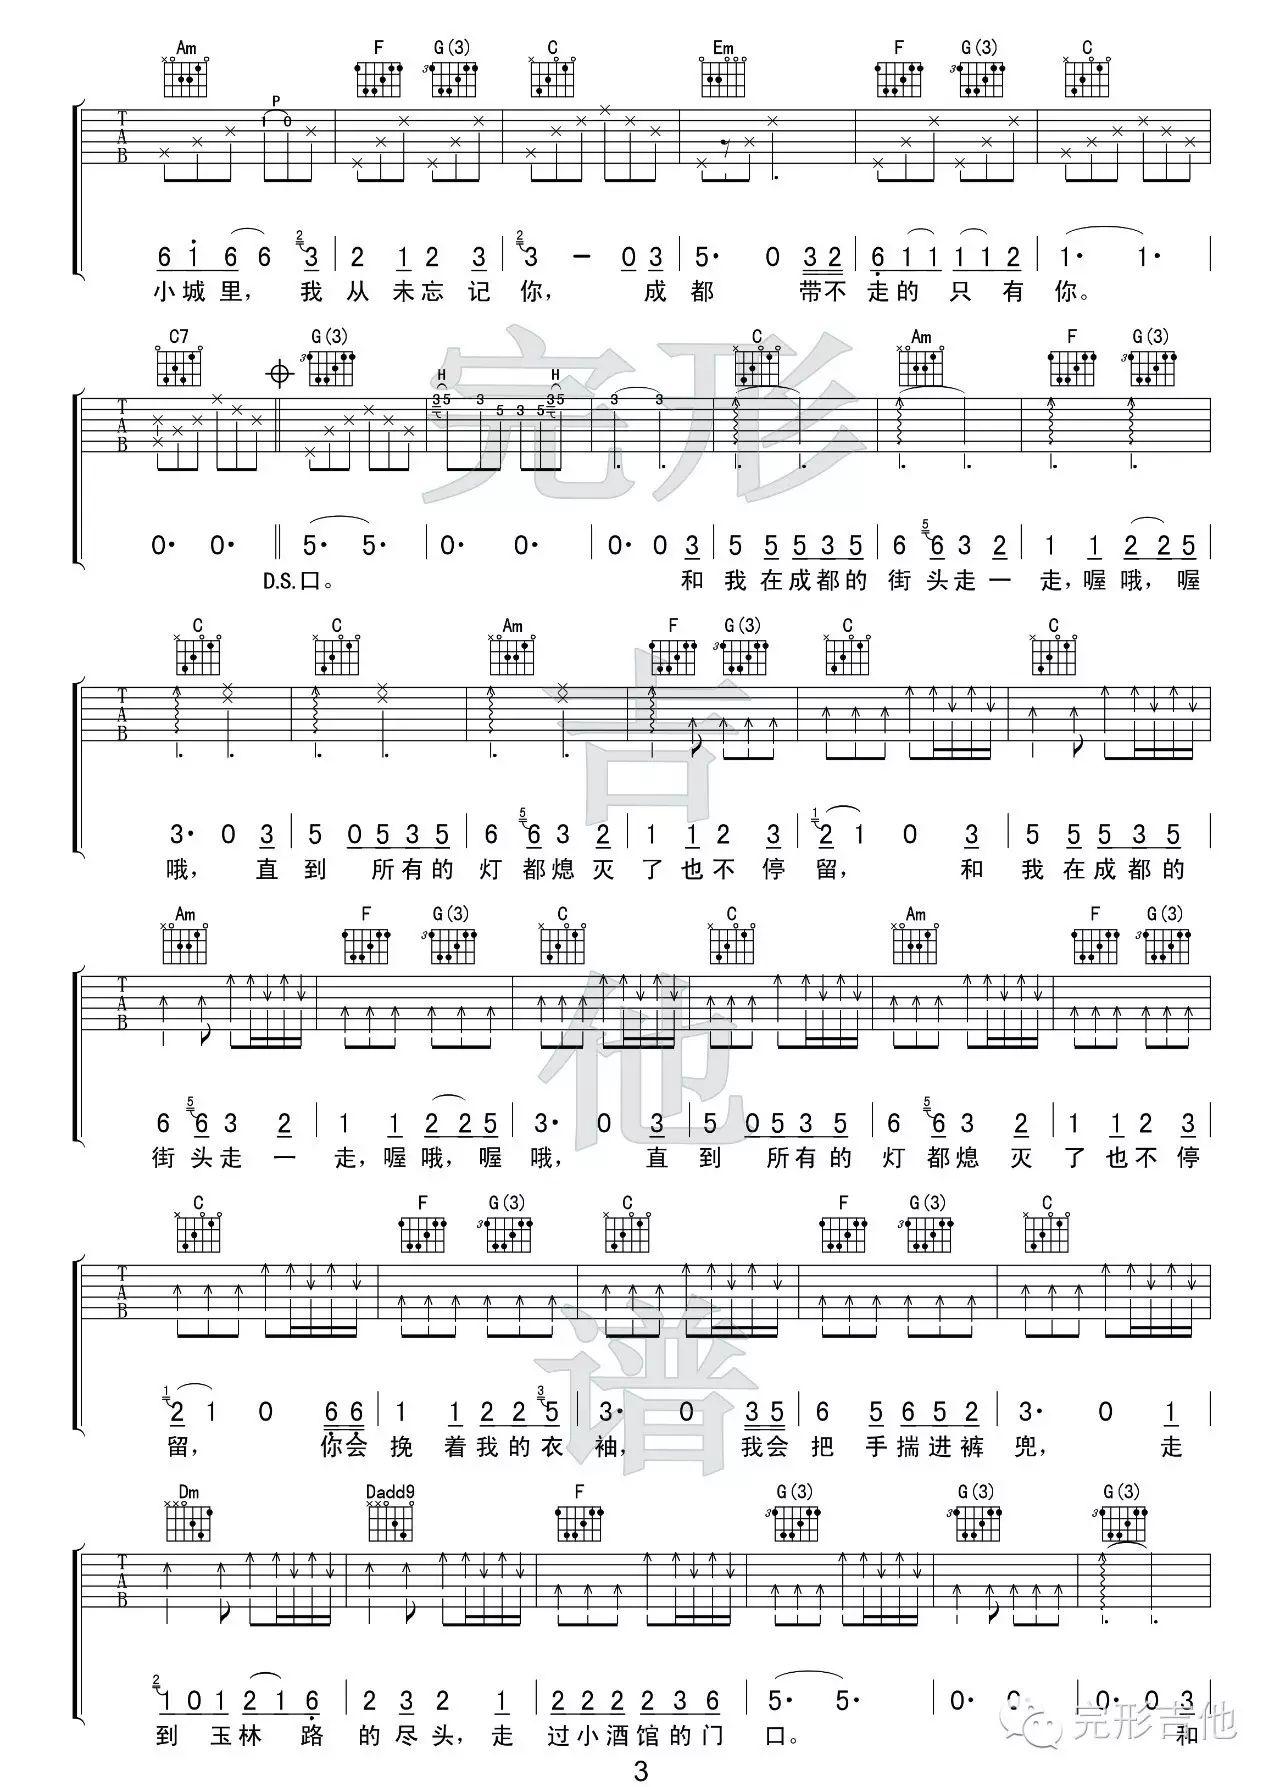 吉他派-《成都》吉他谱-3